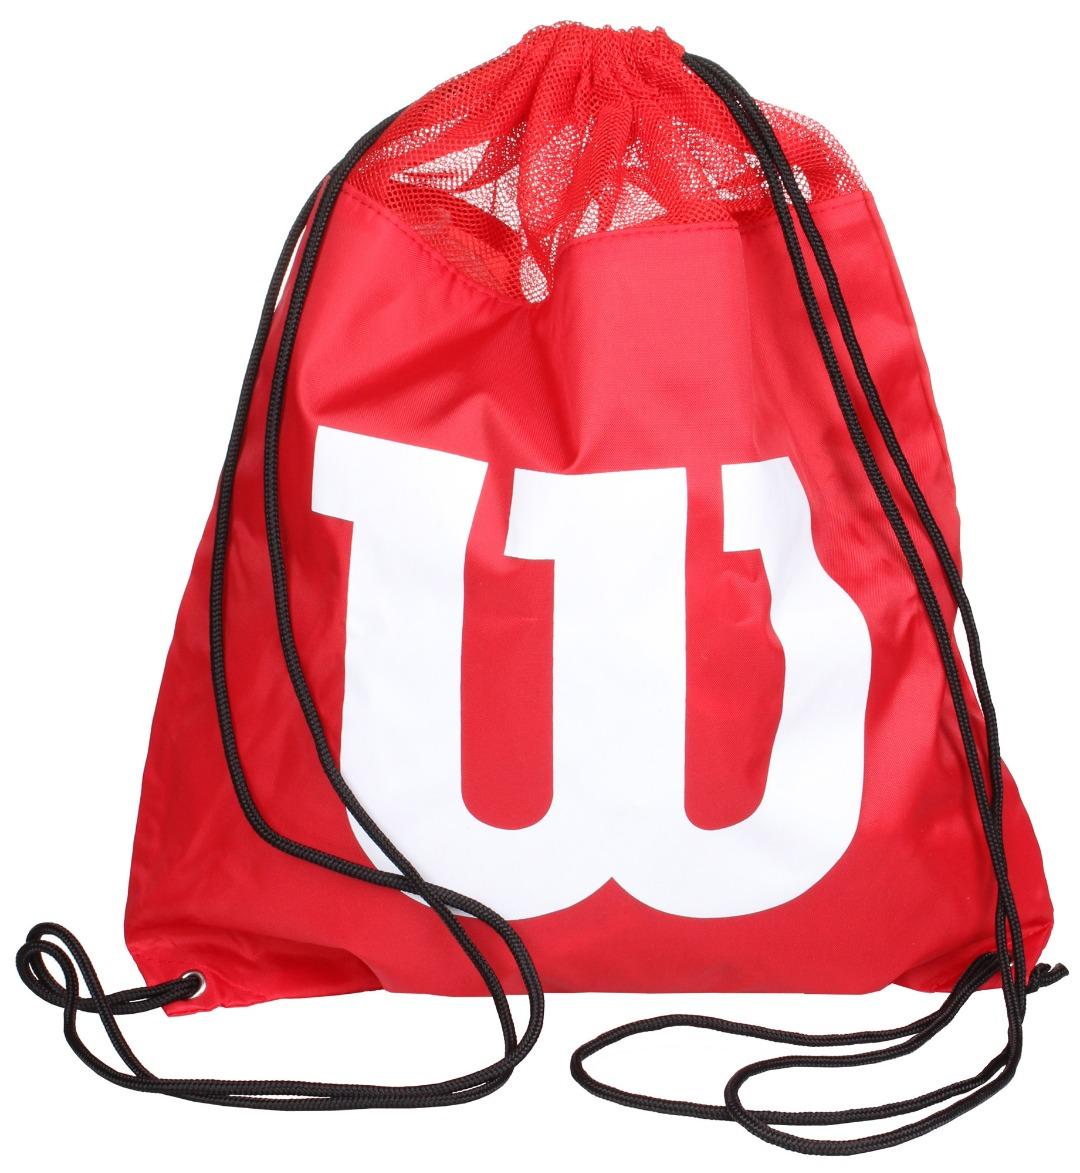 Wilson Cinch Bag 1